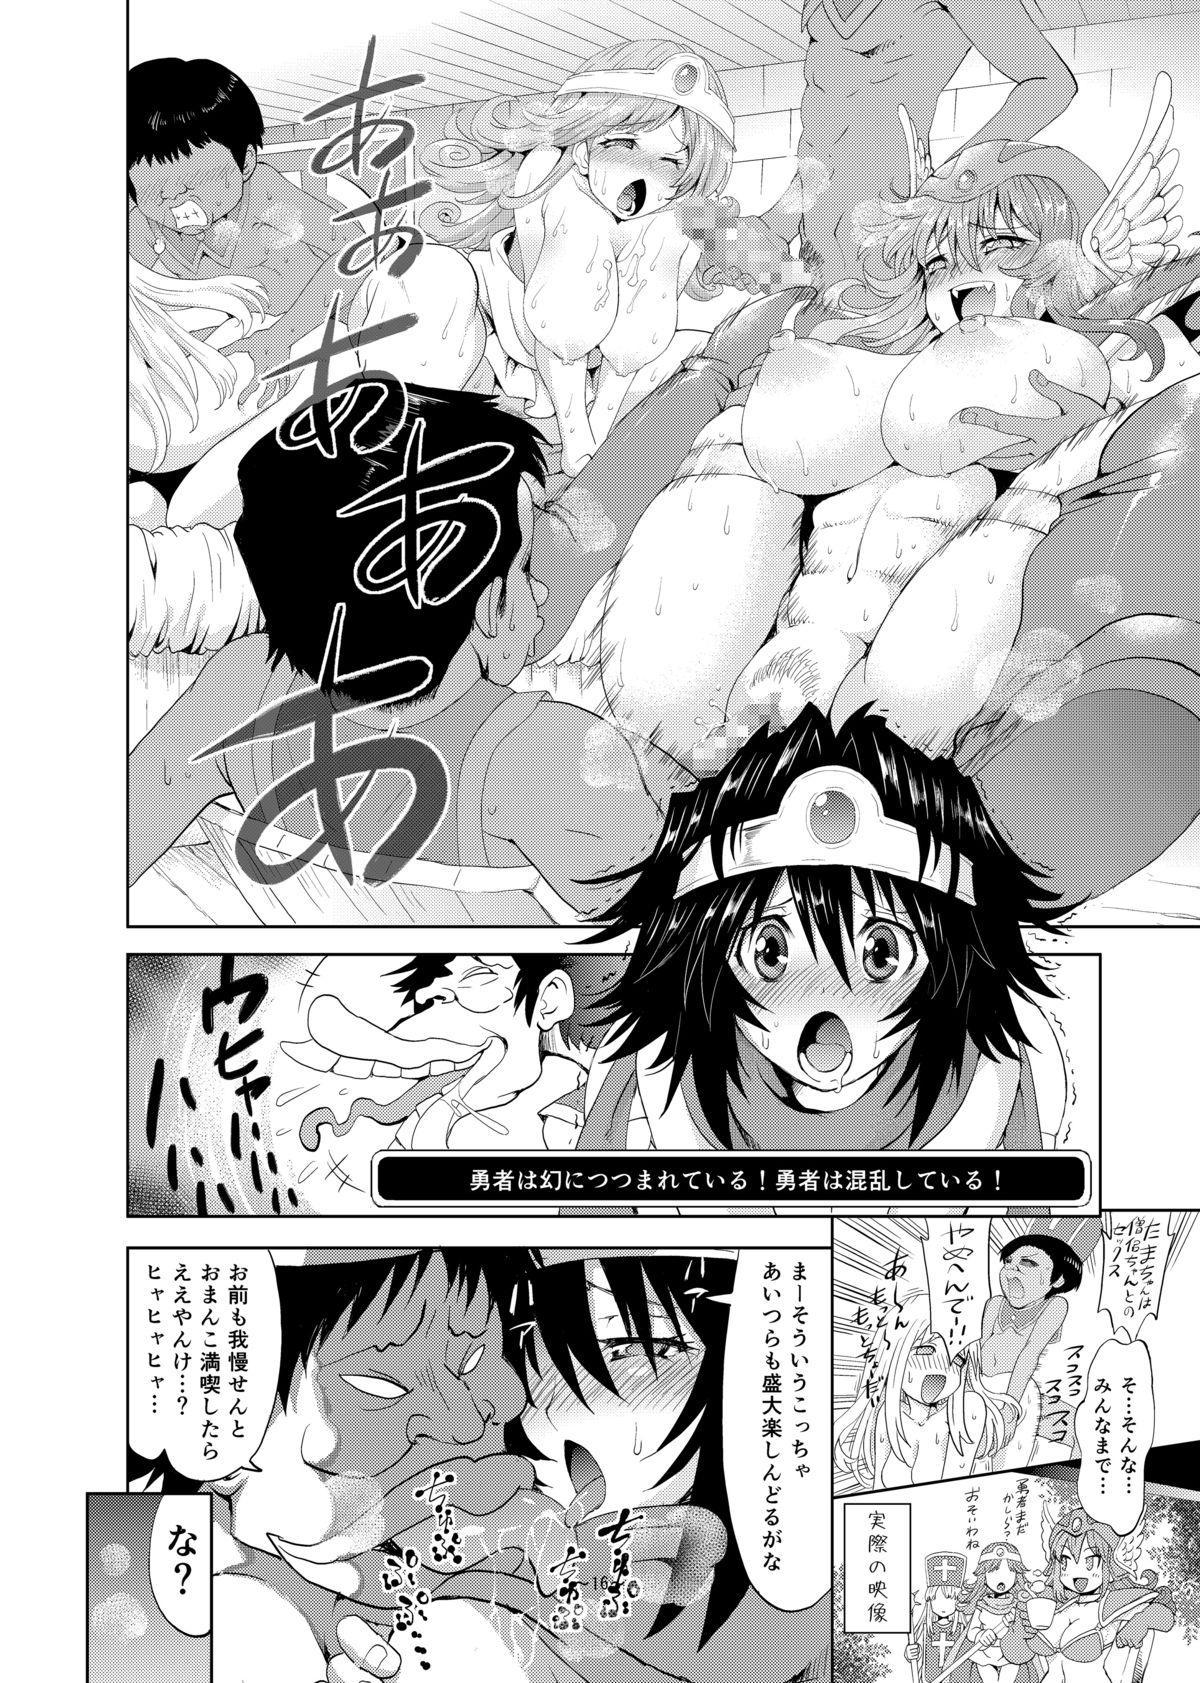 Zettai ni Zenmetsushite wa Ikenai DraQue 16